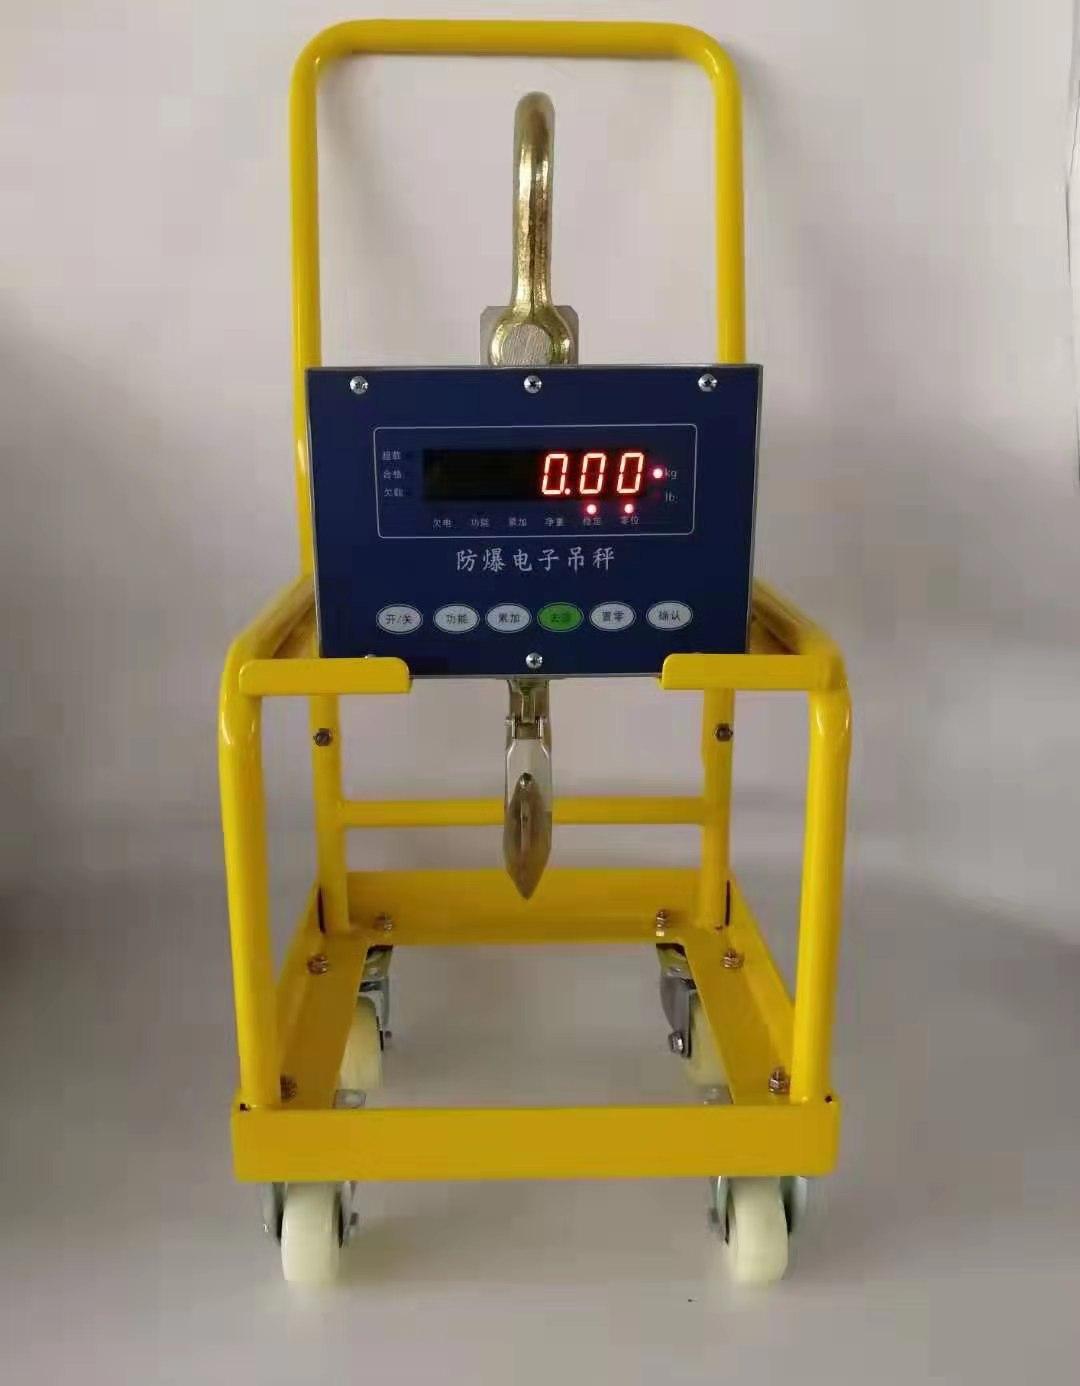 江苏专业电子吊磅销售厂家 有口皆碑 苏州梅赛奥电子科技供应